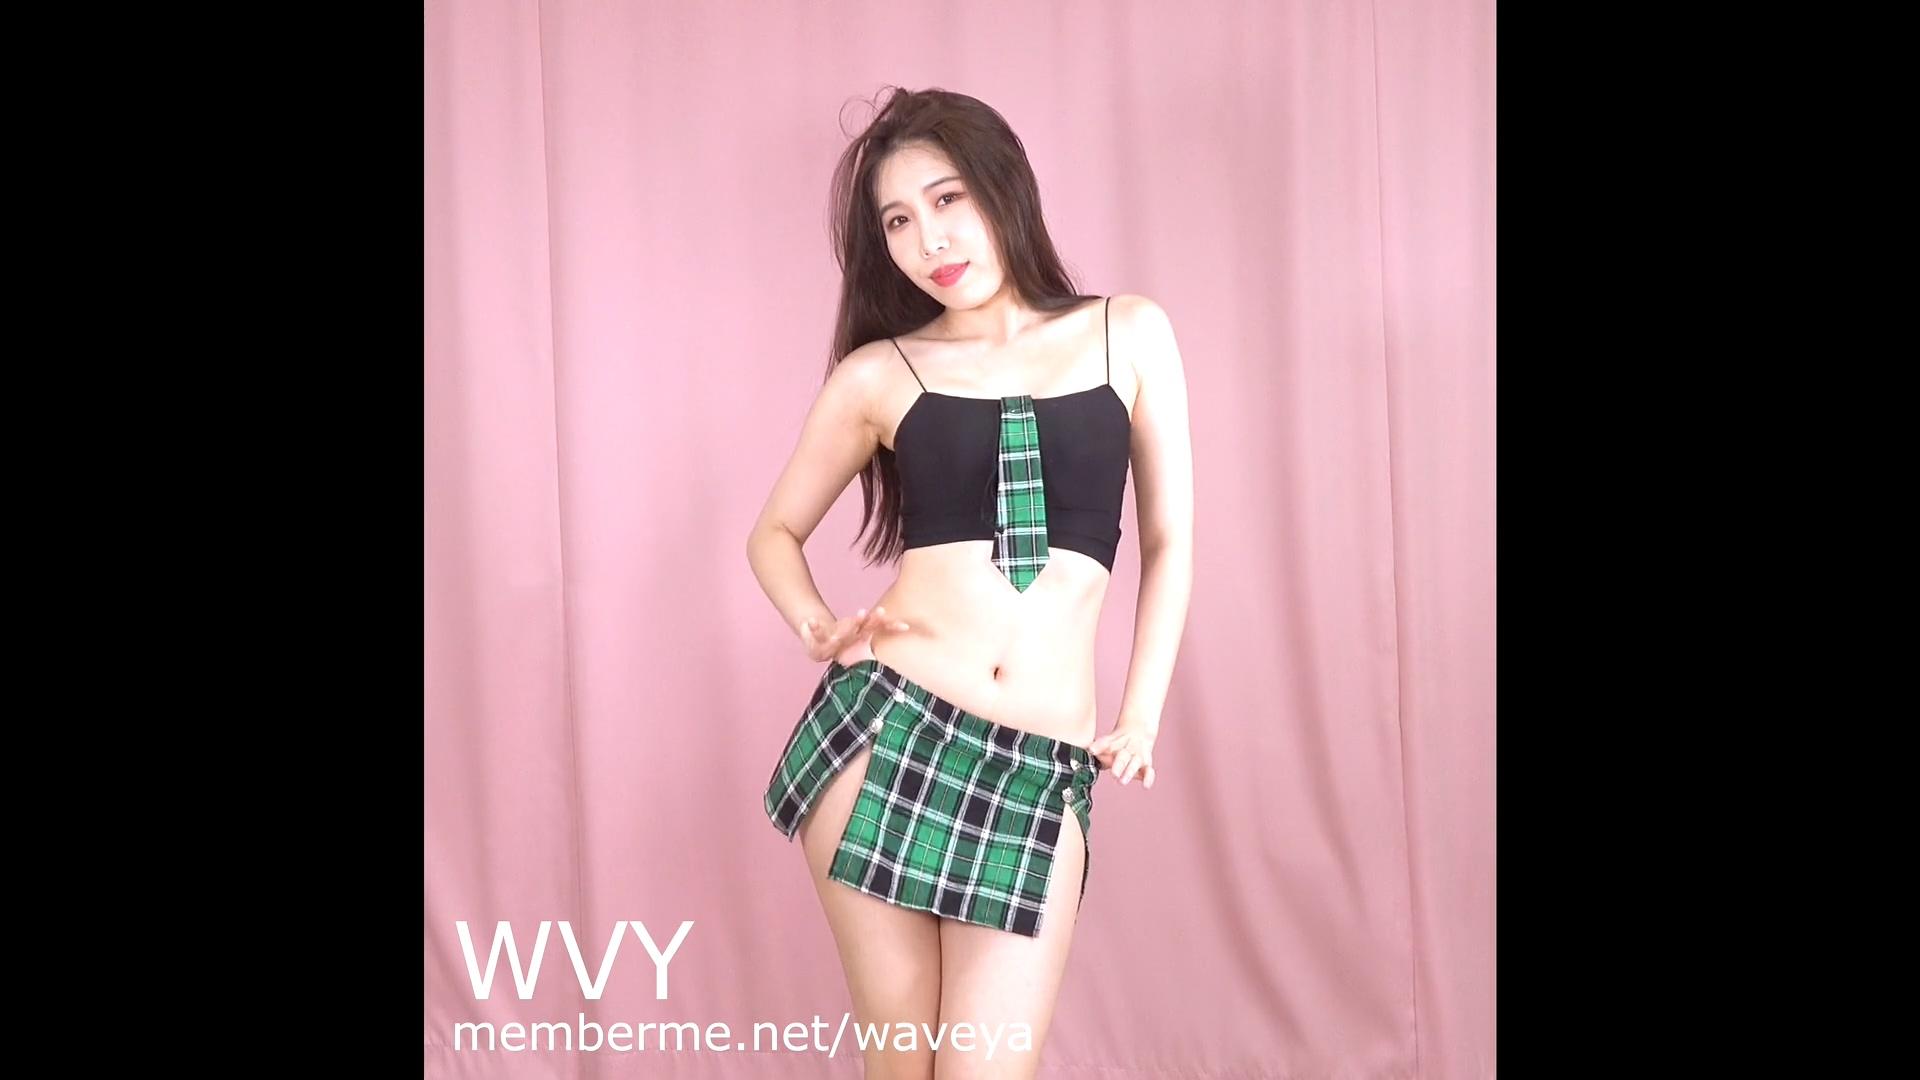 [Waveya会员]MiU Zerotwo Dance 🍰🍧 Memberme付费视频高清在线下载 Waveya会员 第2张